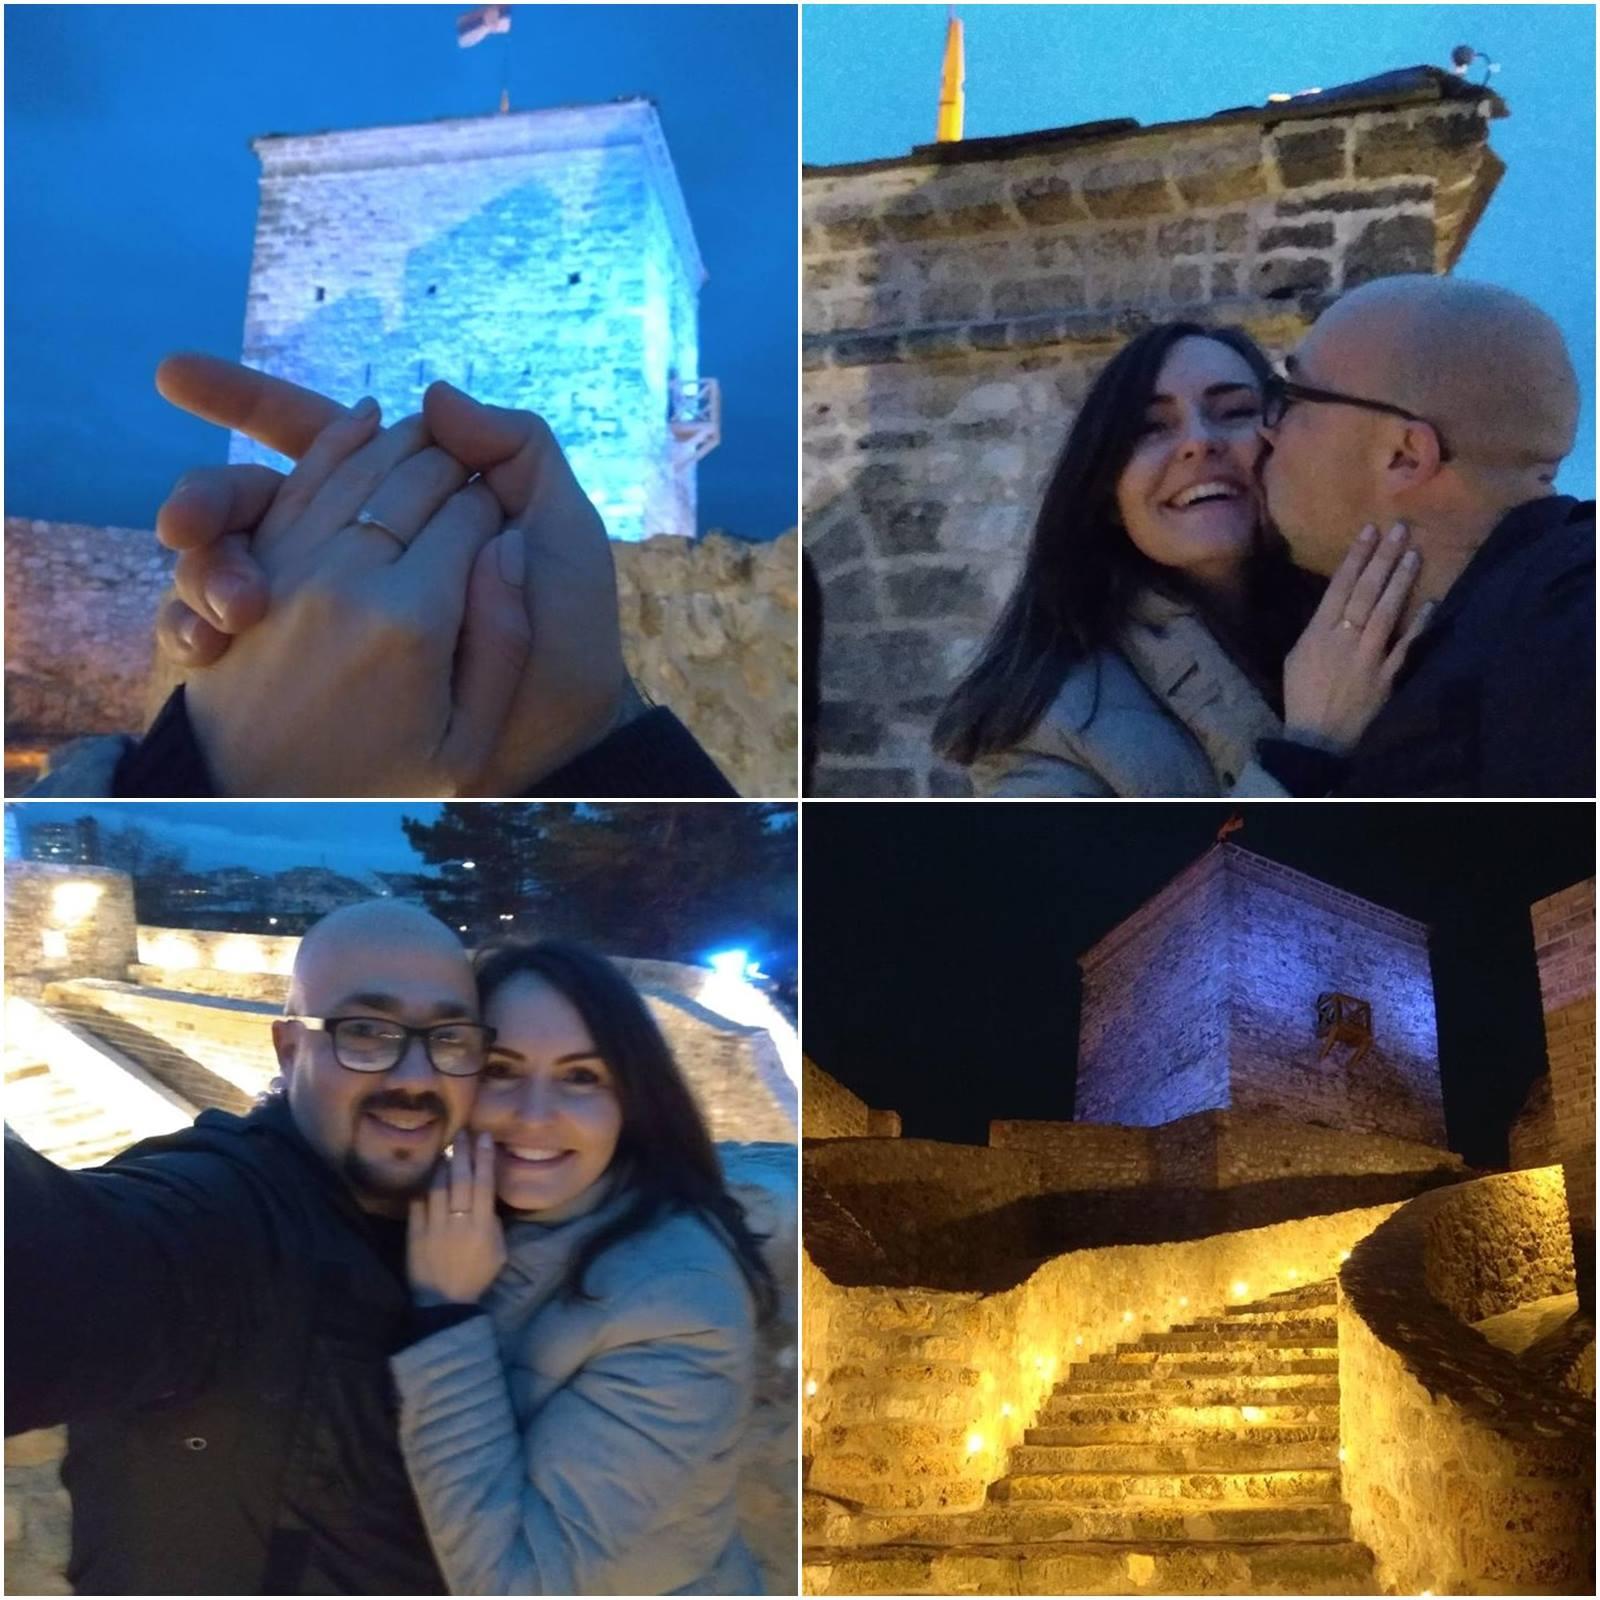 Photo of Drevne zidine renovirane tvrđave Momčilov grad čuvaće uspomenu na jednu veliku ljubav